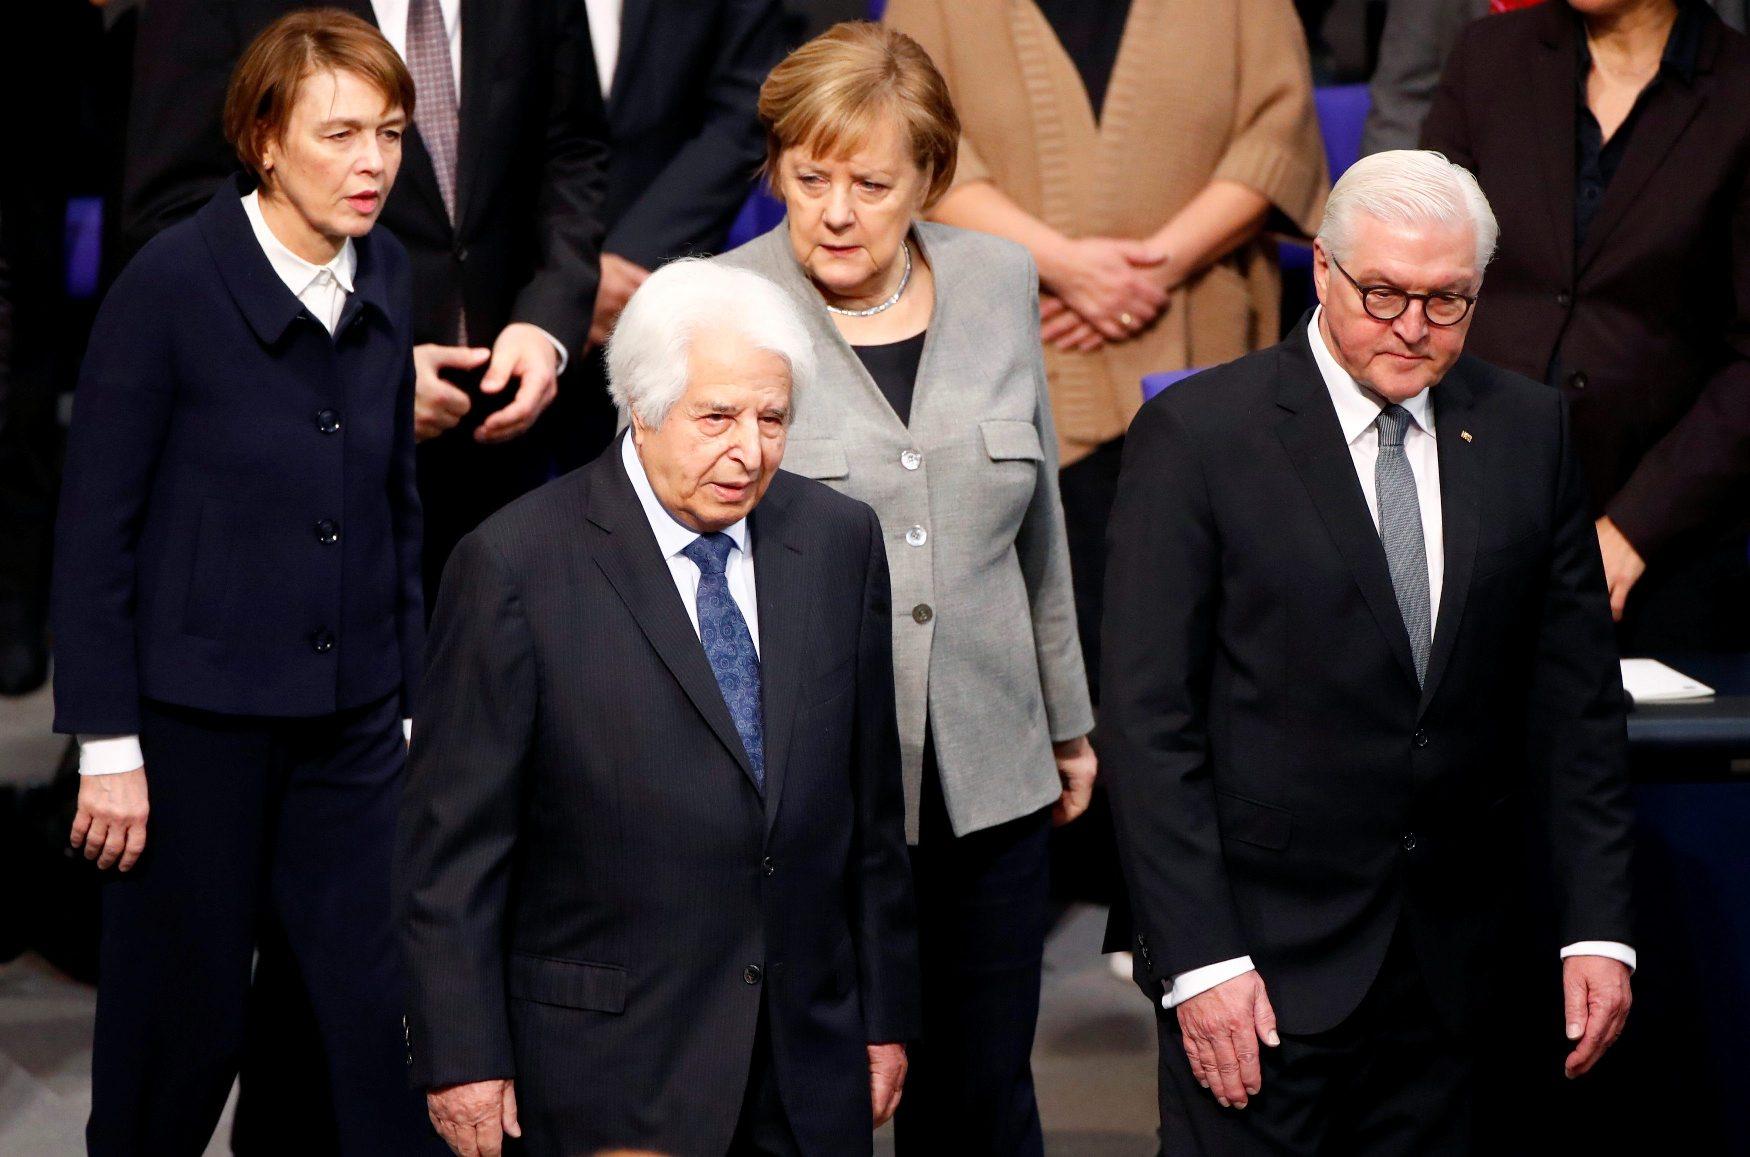 2019-01-31T080852Z_635117954_RC1B8BAB4510_RTRMADP_3_HOLOCAUST-MEMORIAL-GERMANY